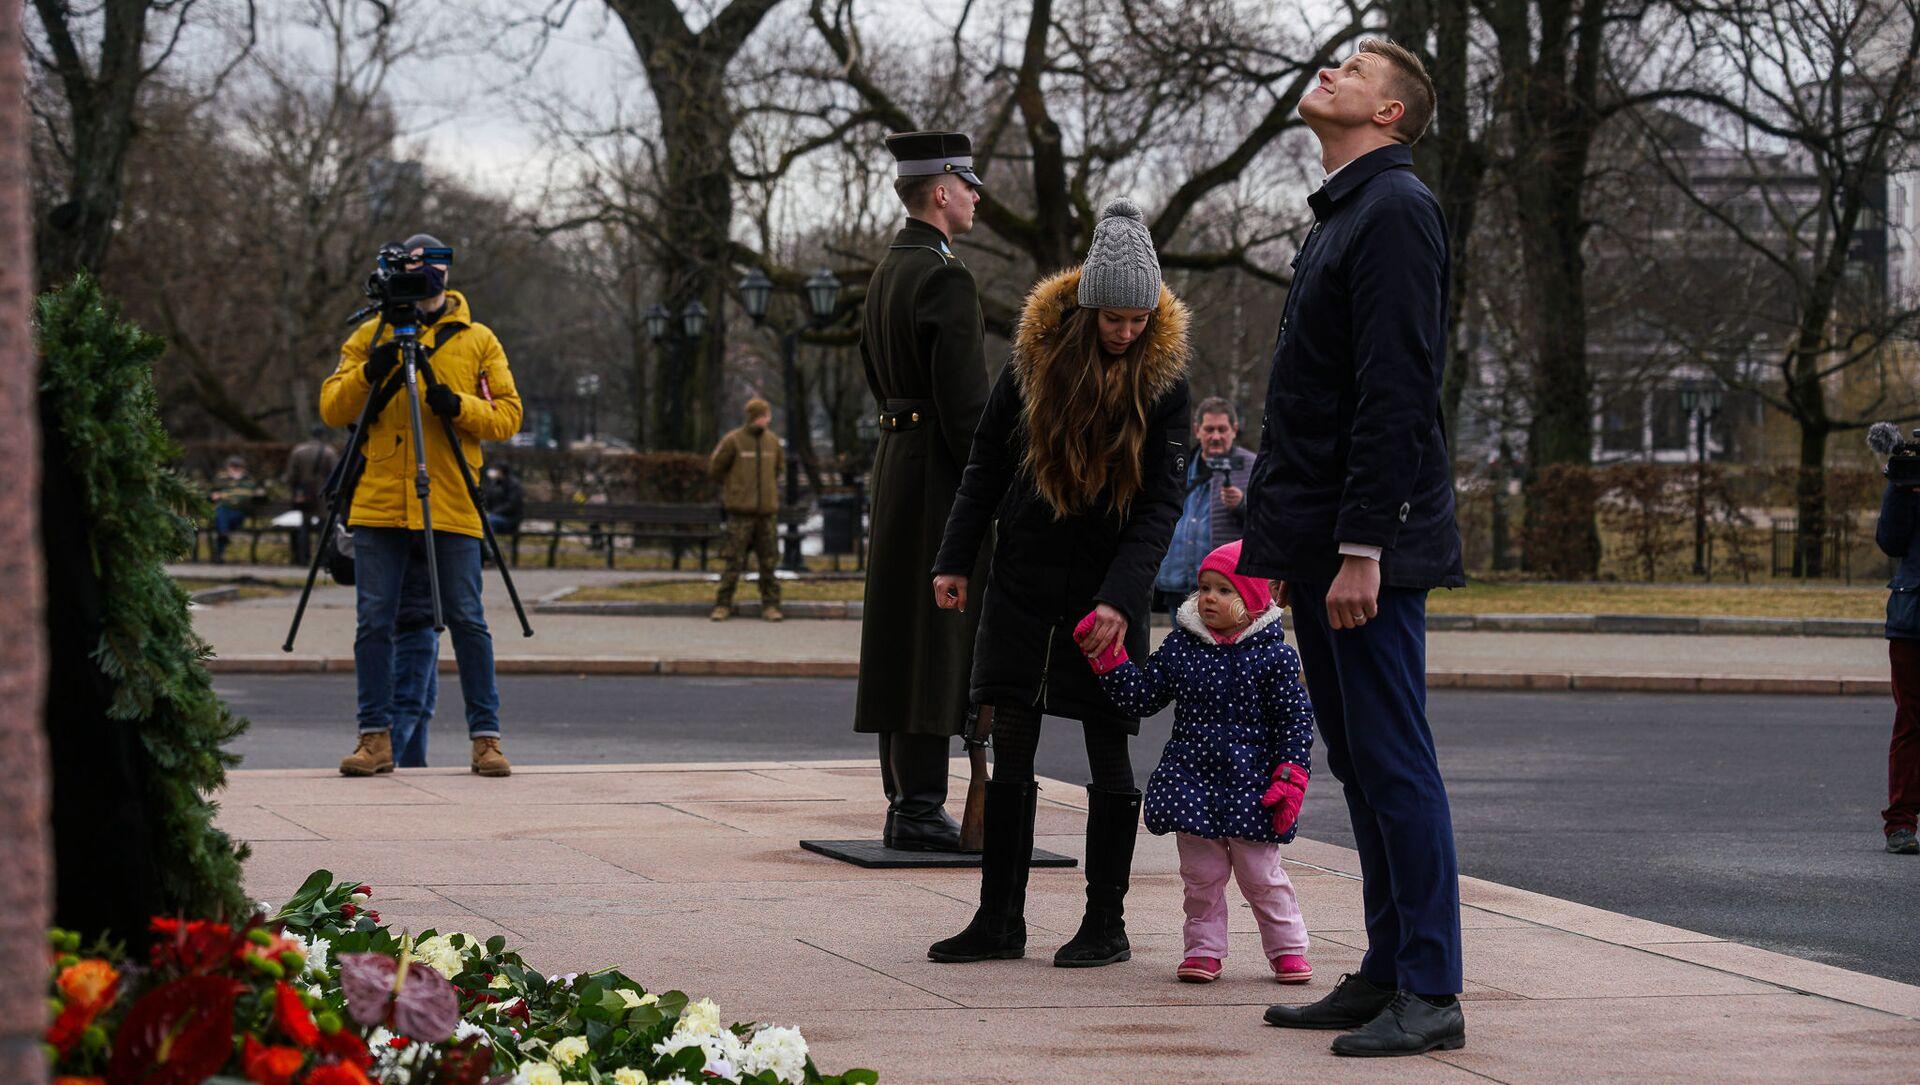 День памяти латышских легионеров Waffen SS в Риге, 16 марта - Sputnik Латвия, 1920, 18.03.2021